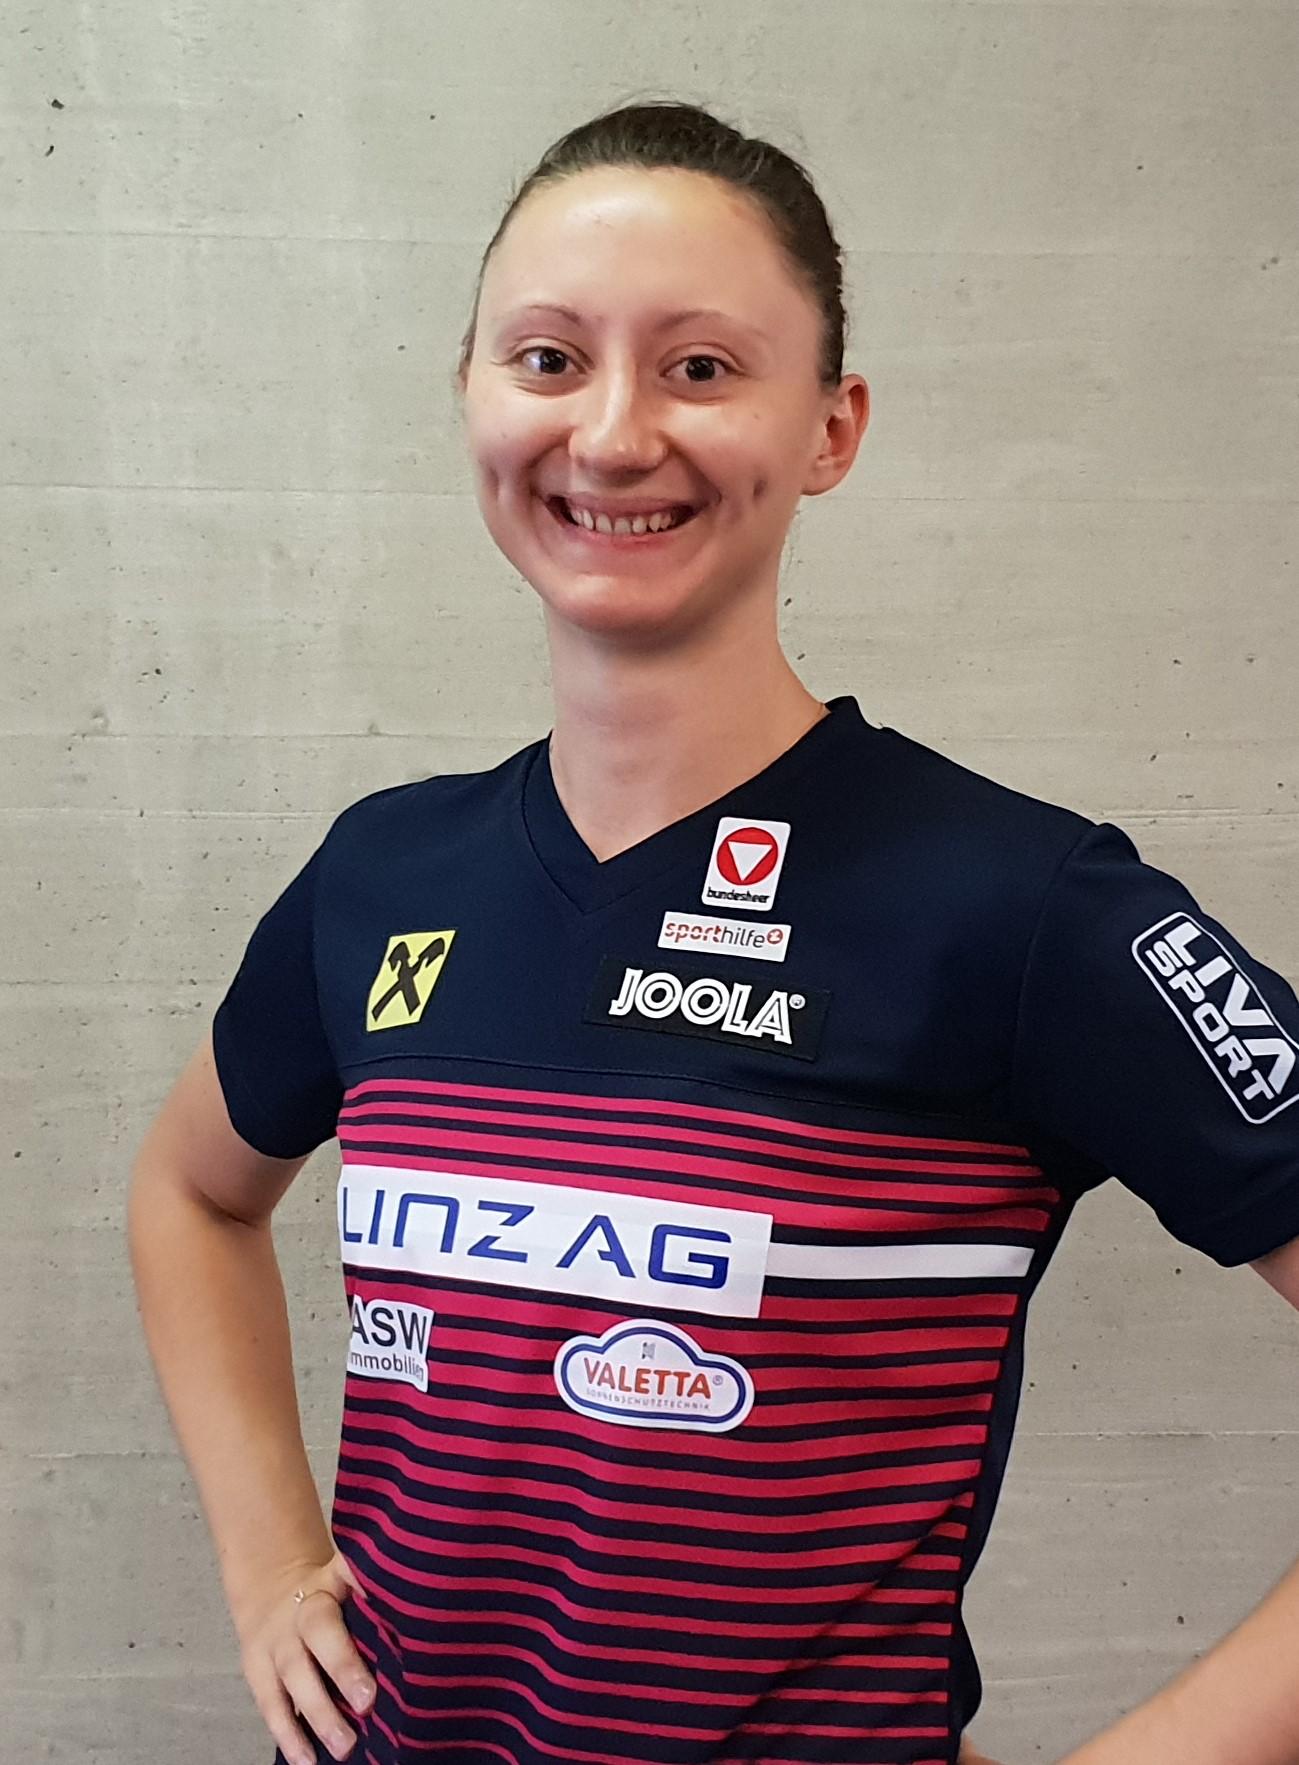 Sofia Polcanoca